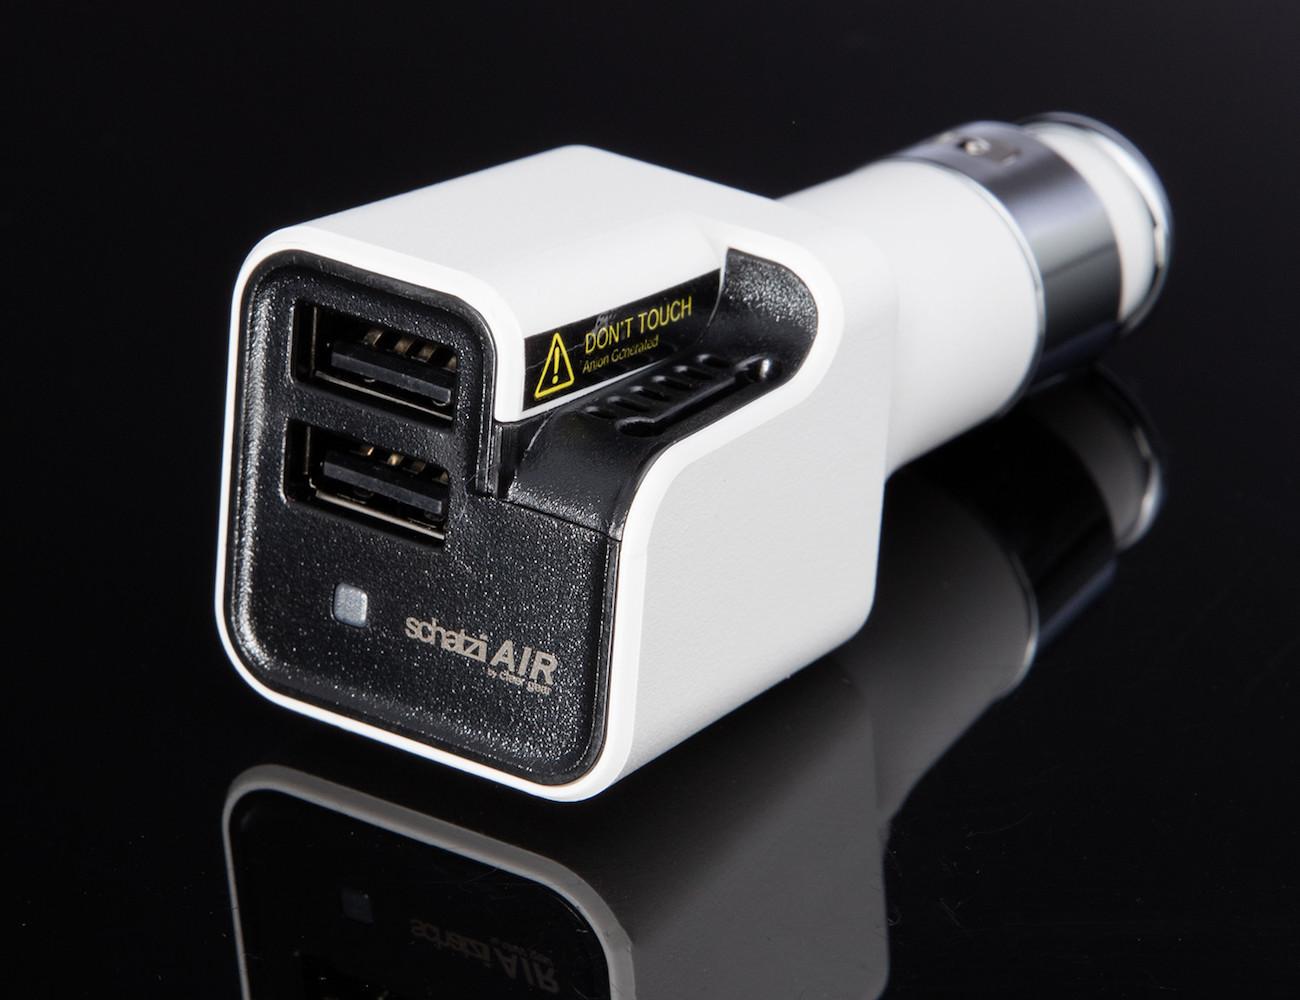 Schatzii Air Ionic Car Air Purifier Dual Usb Car Charger